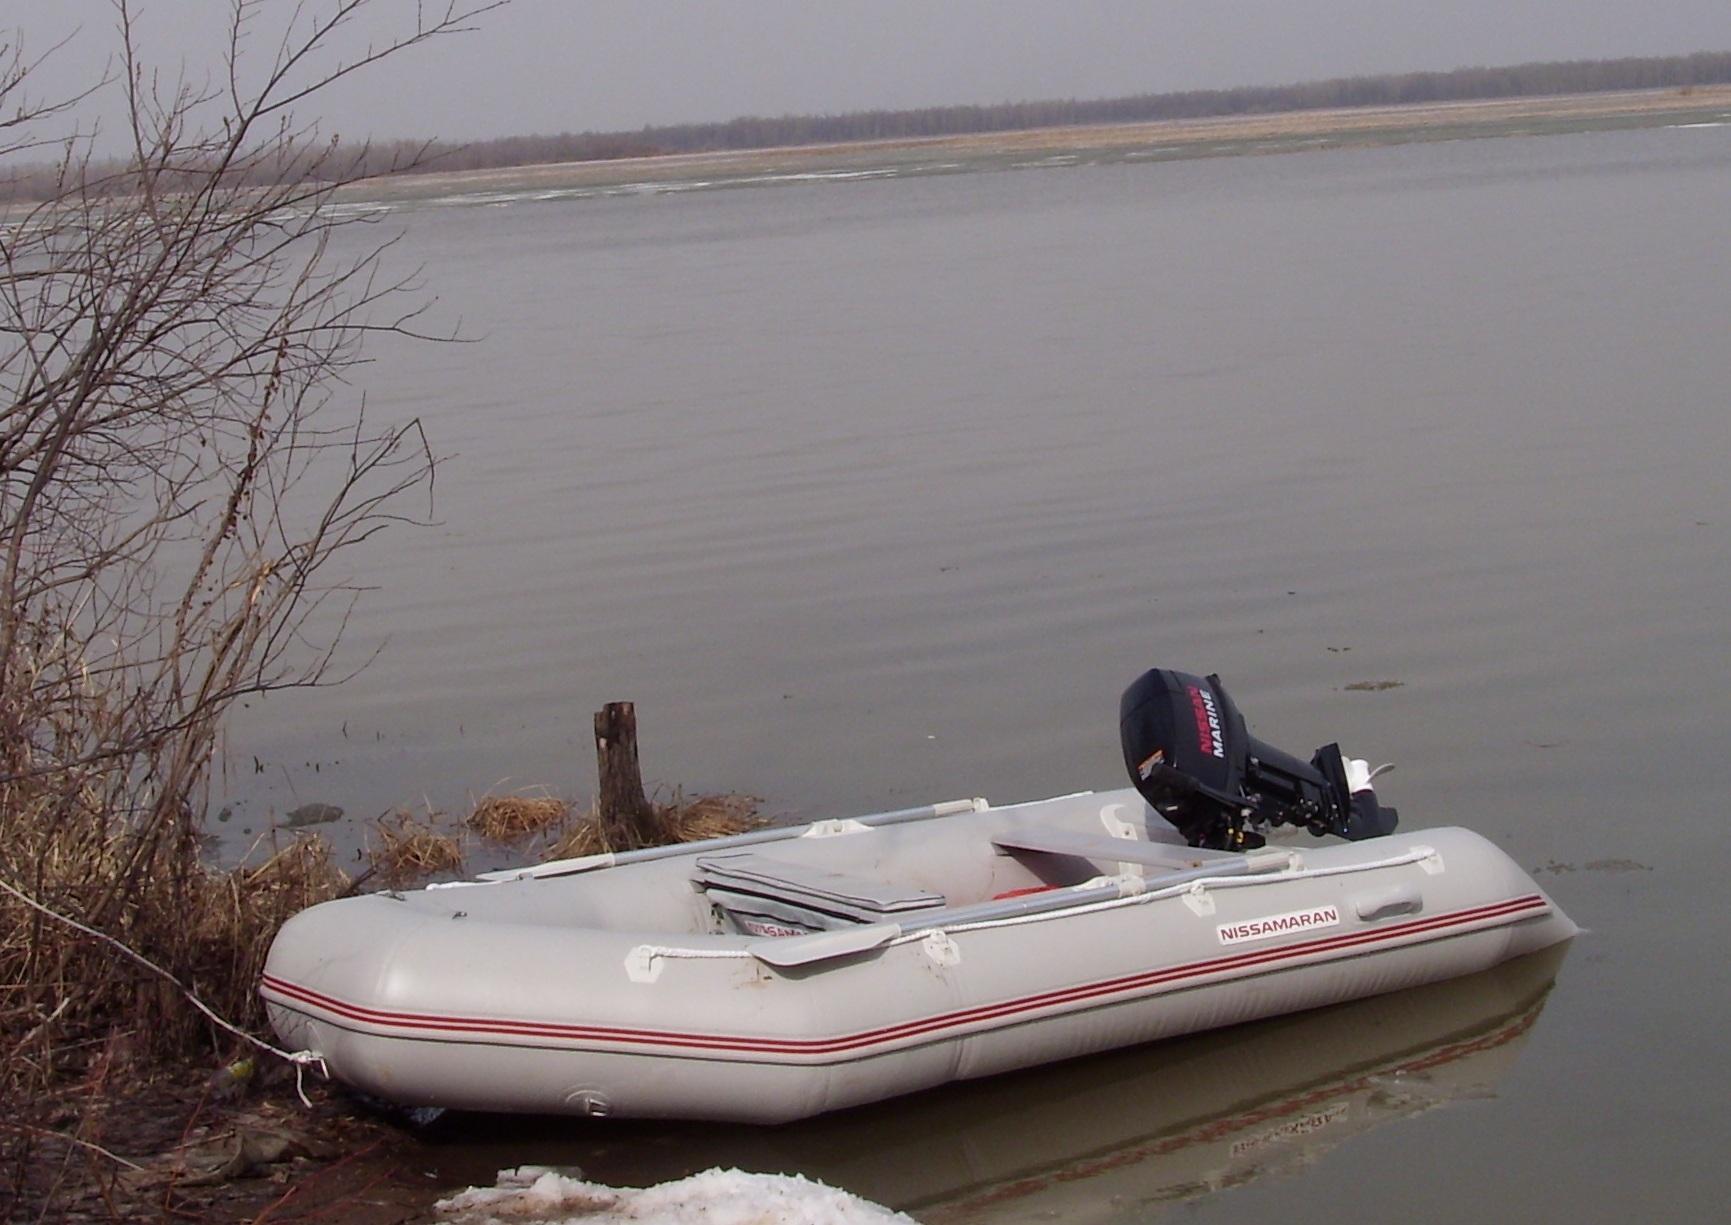 купить лодку ниссамаран в новосибирске